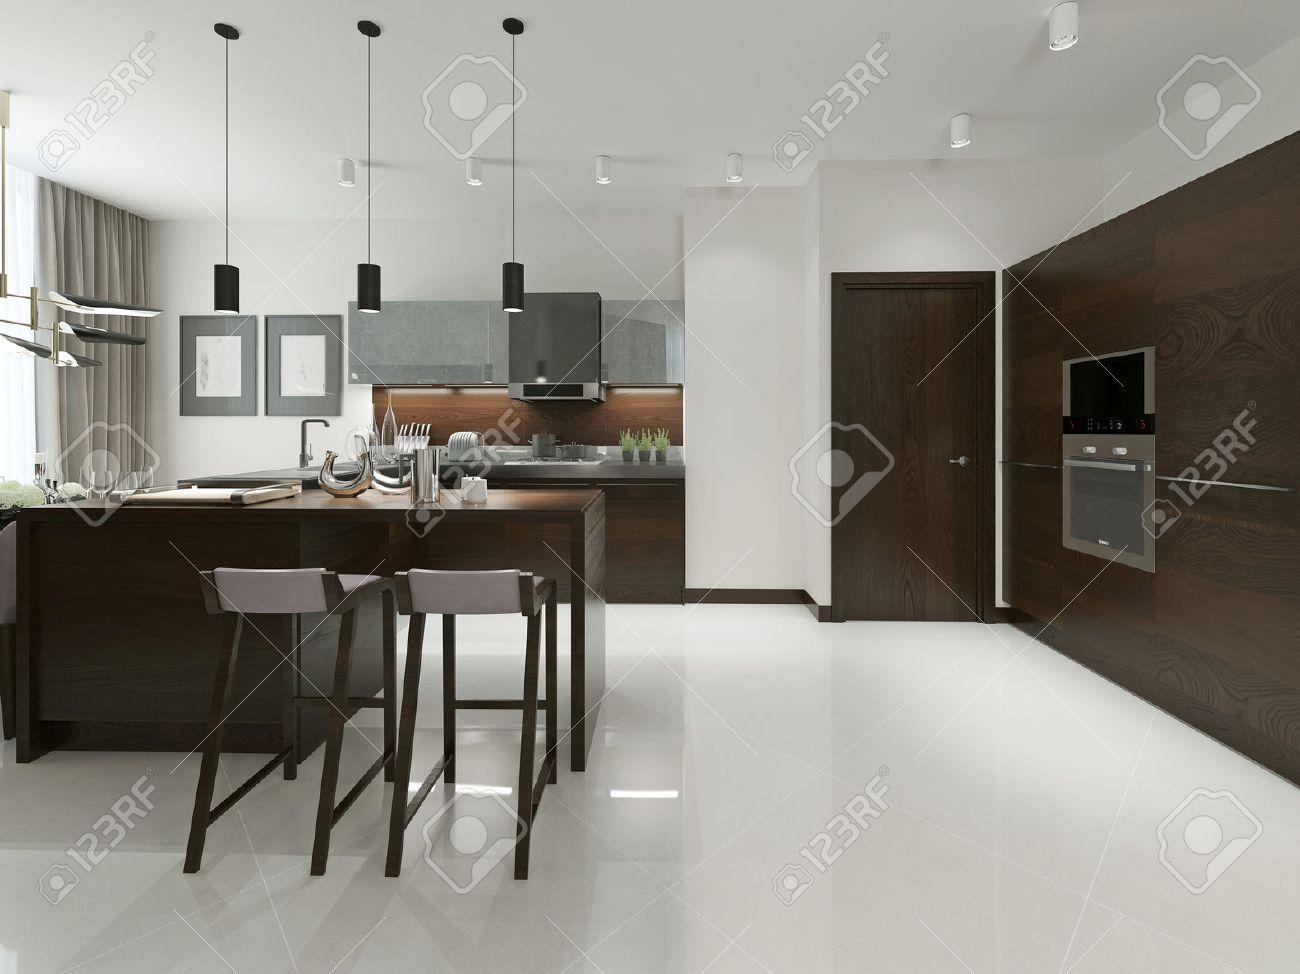 Interieur Van De Moderne Keuken Met Bar En Barkrukken ...